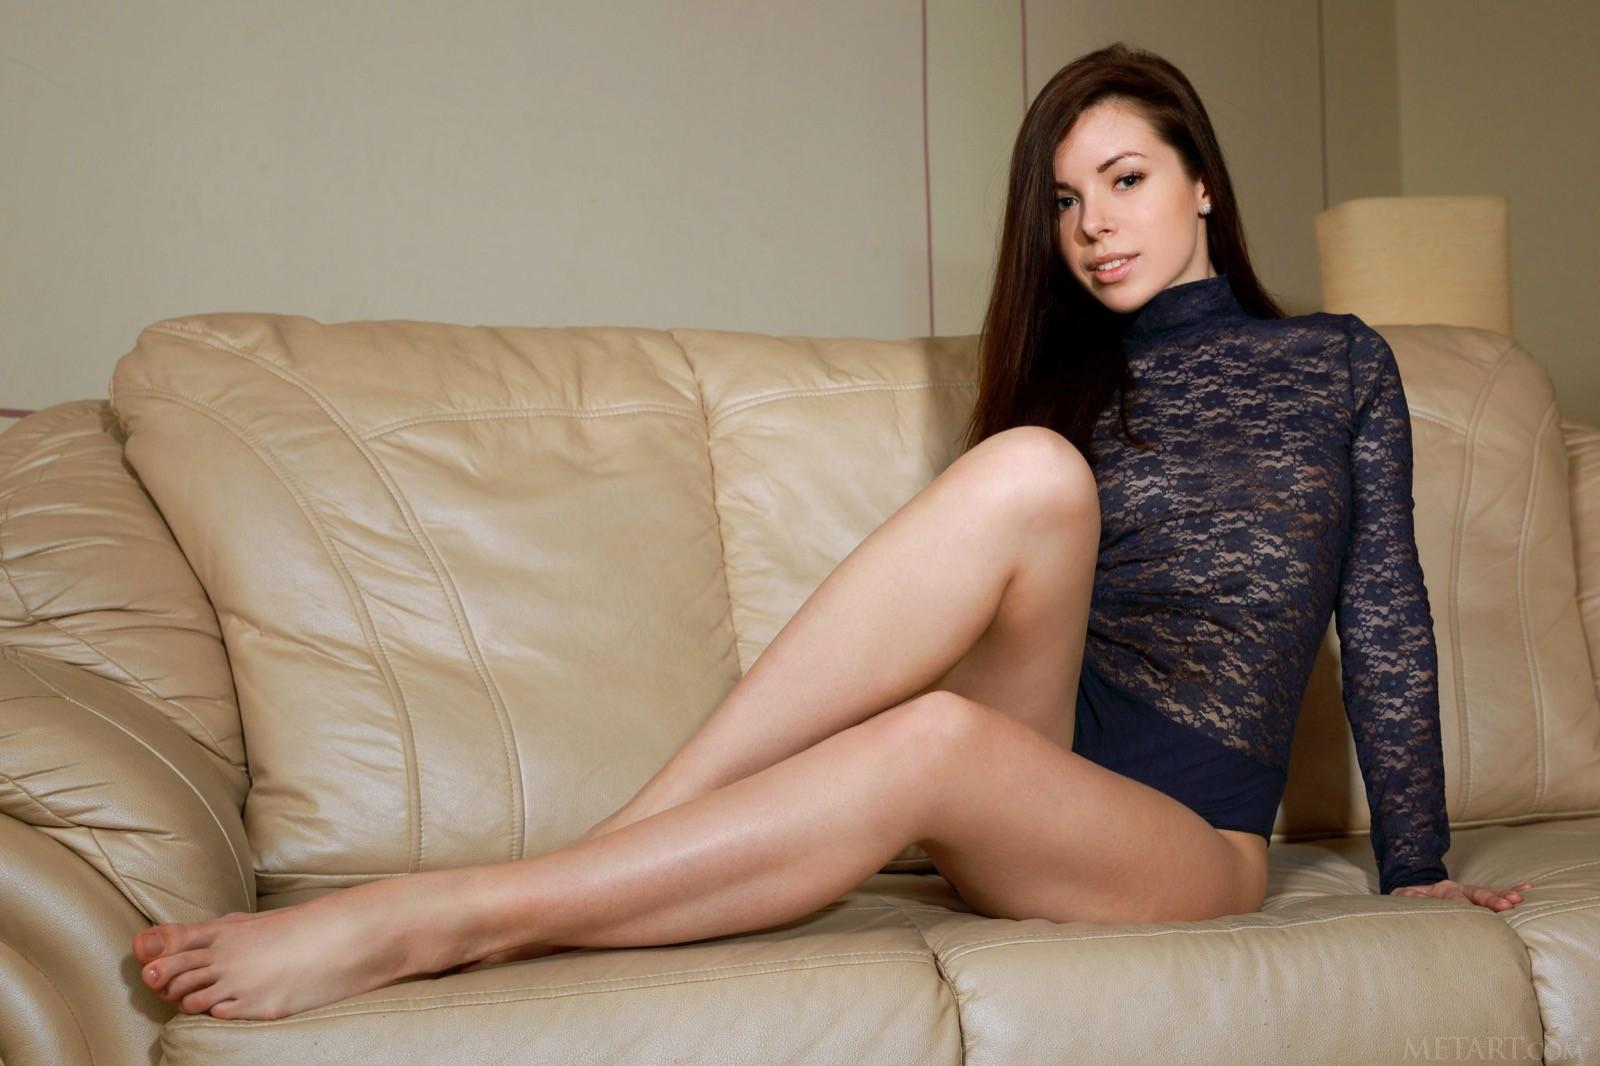 Девушка без трусов на кожаном диване - фото